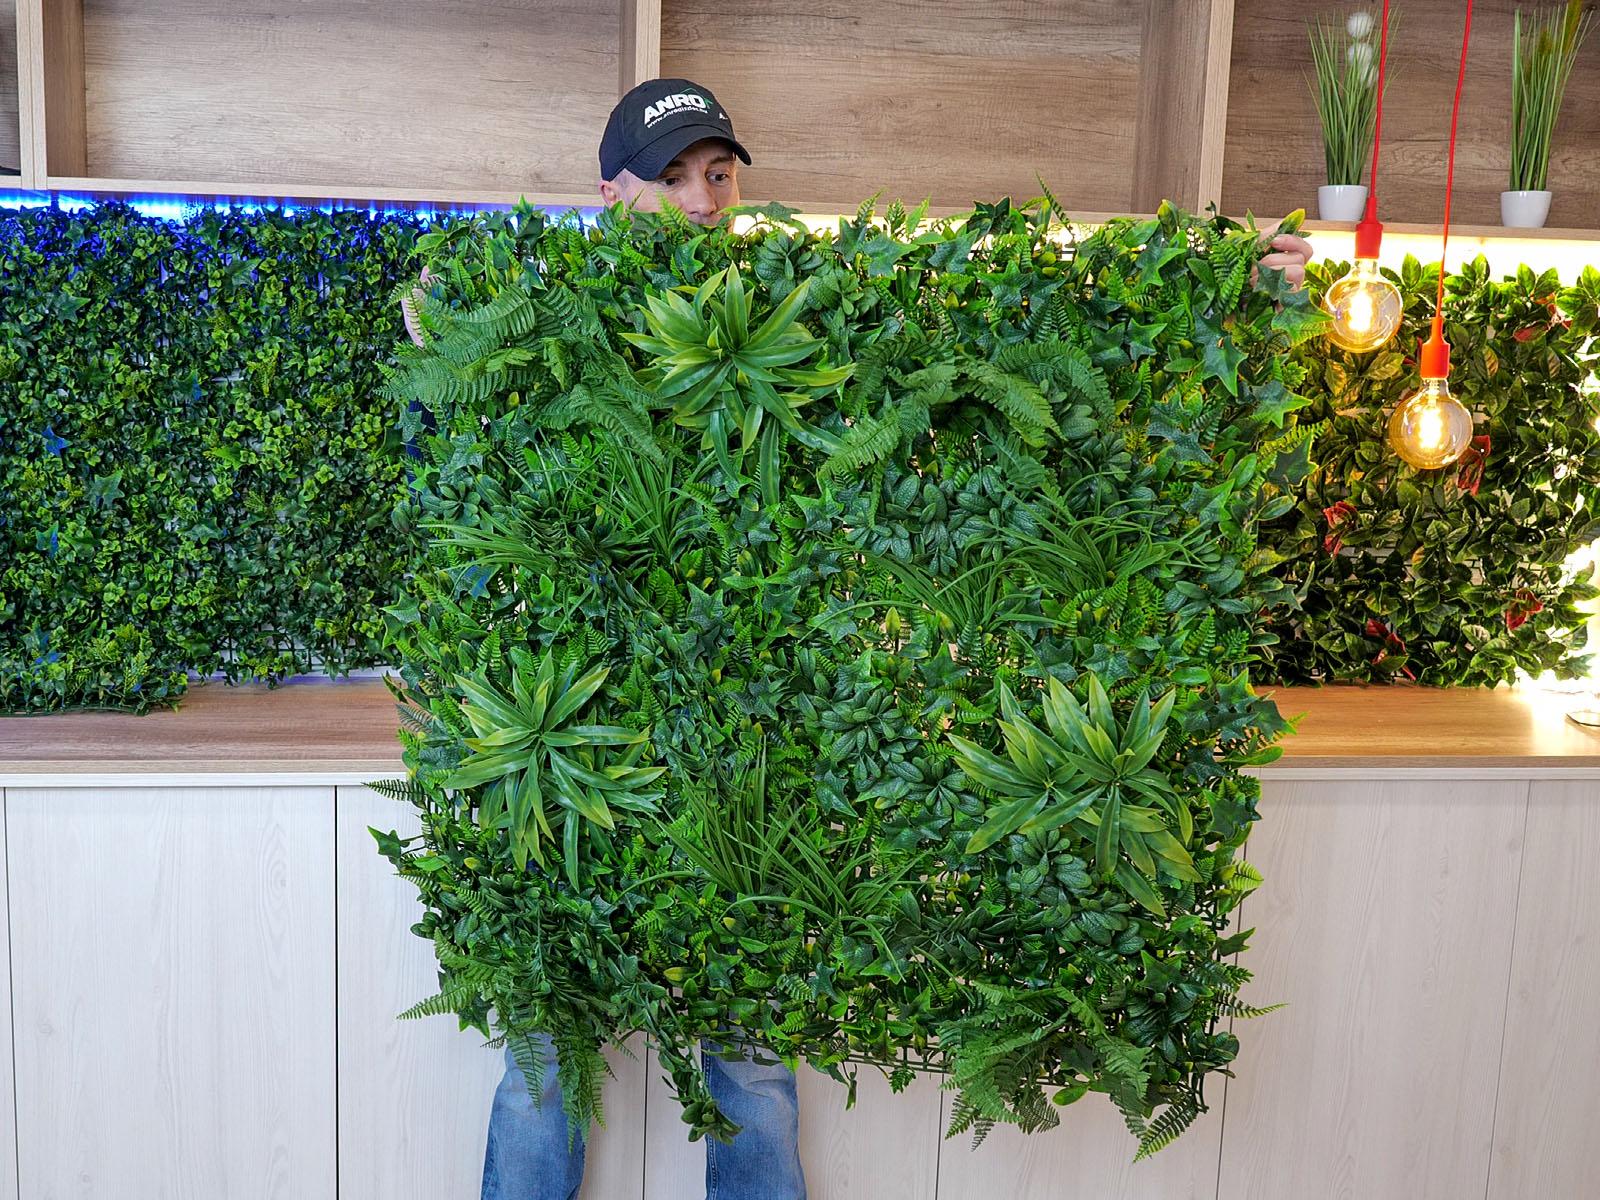 Gazdag és változatos növényvilág jellemzi a Tropic típust, vevőink egyik kedvencét!